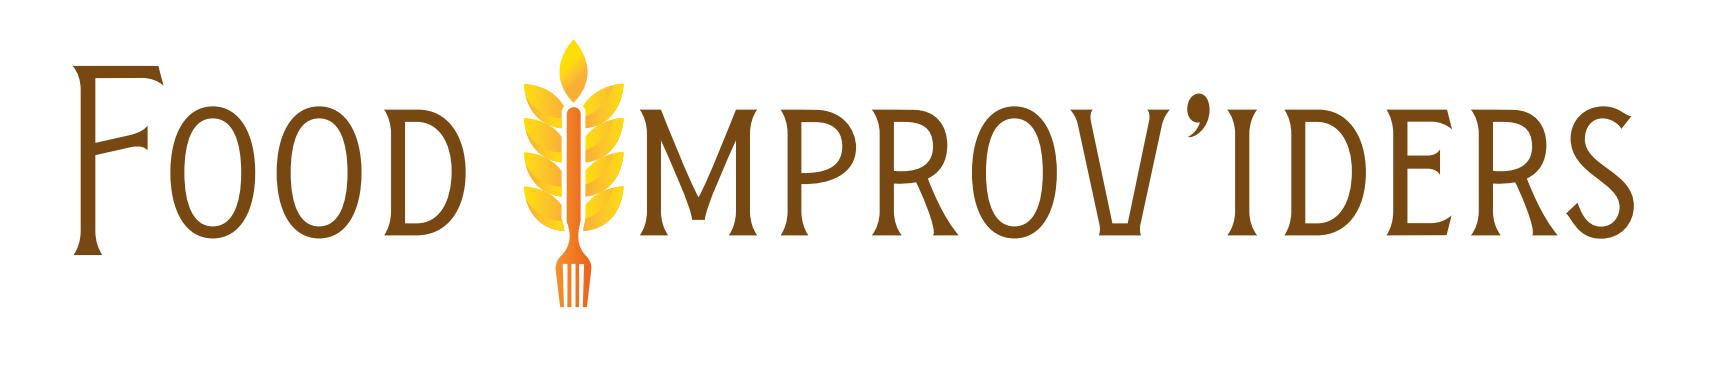 Food Improviders